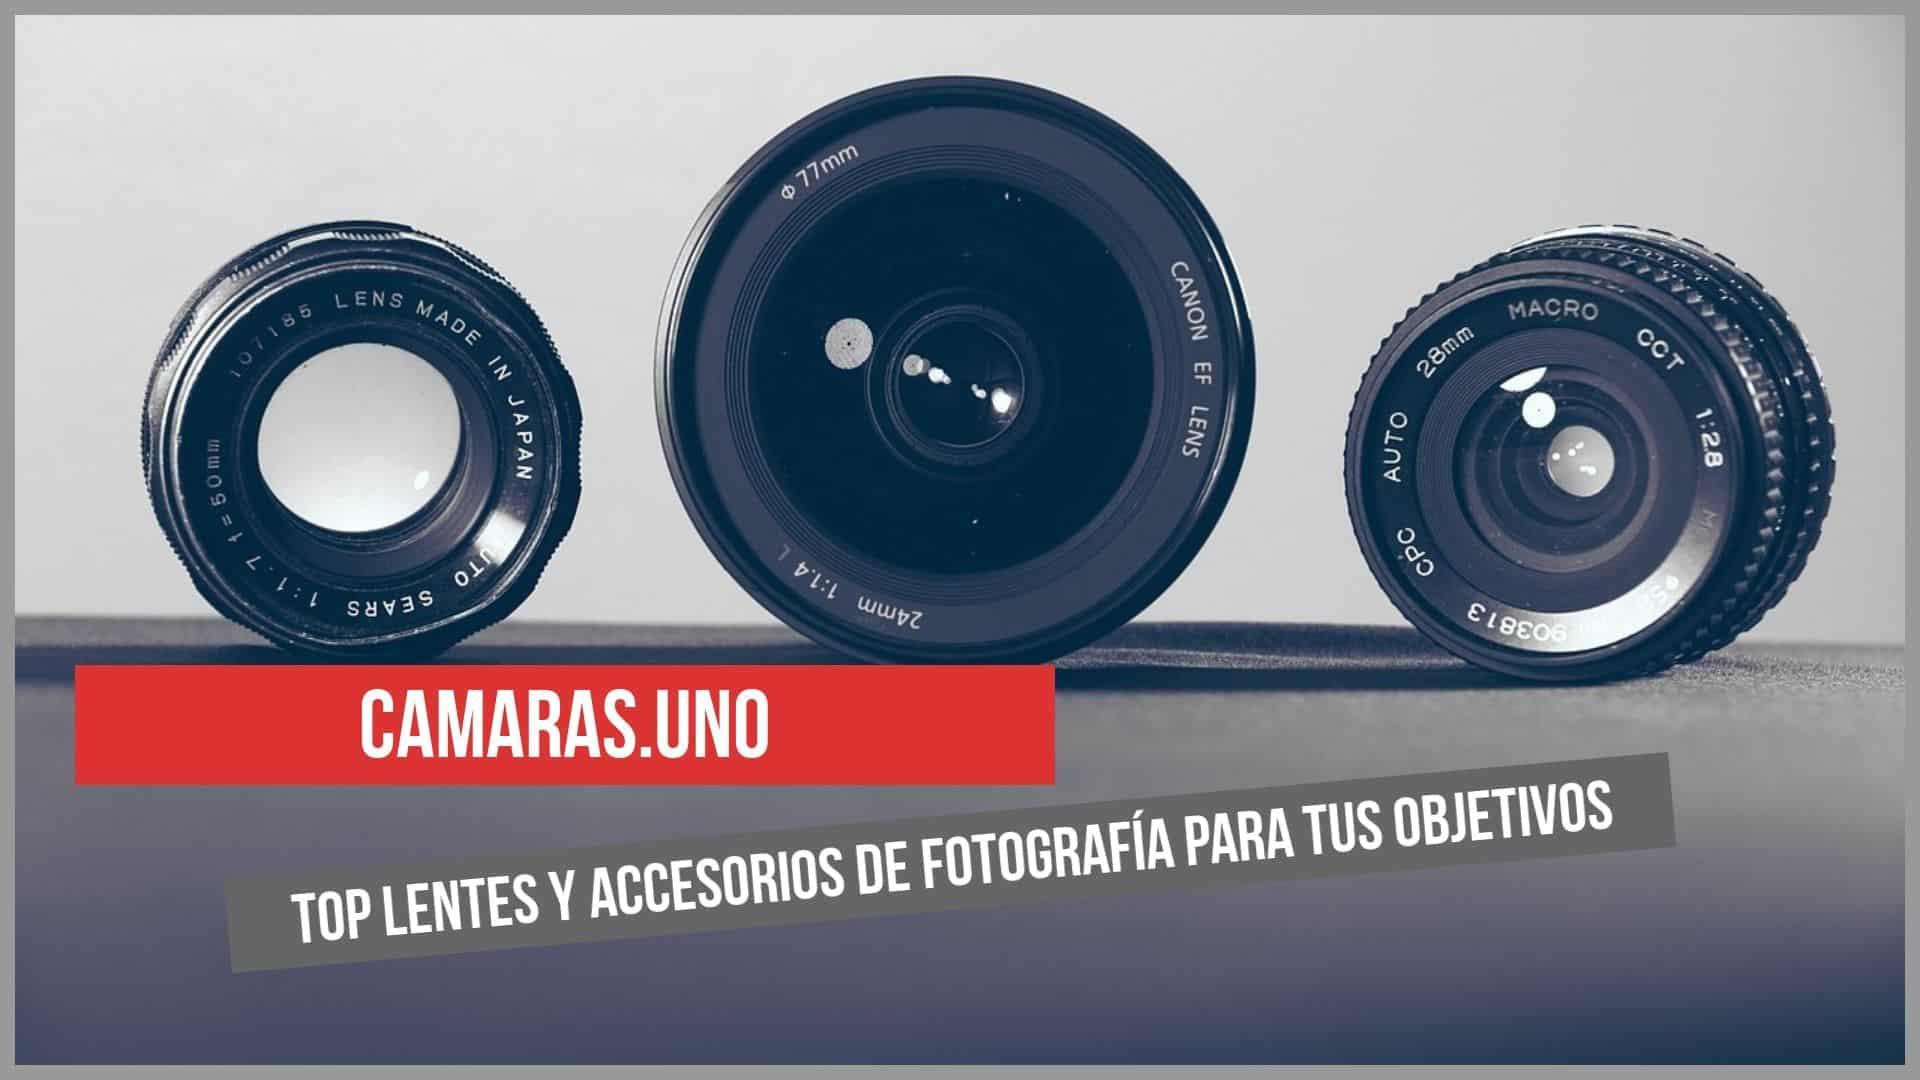 Top lentes y accesorios de fotografía para tus objetivos